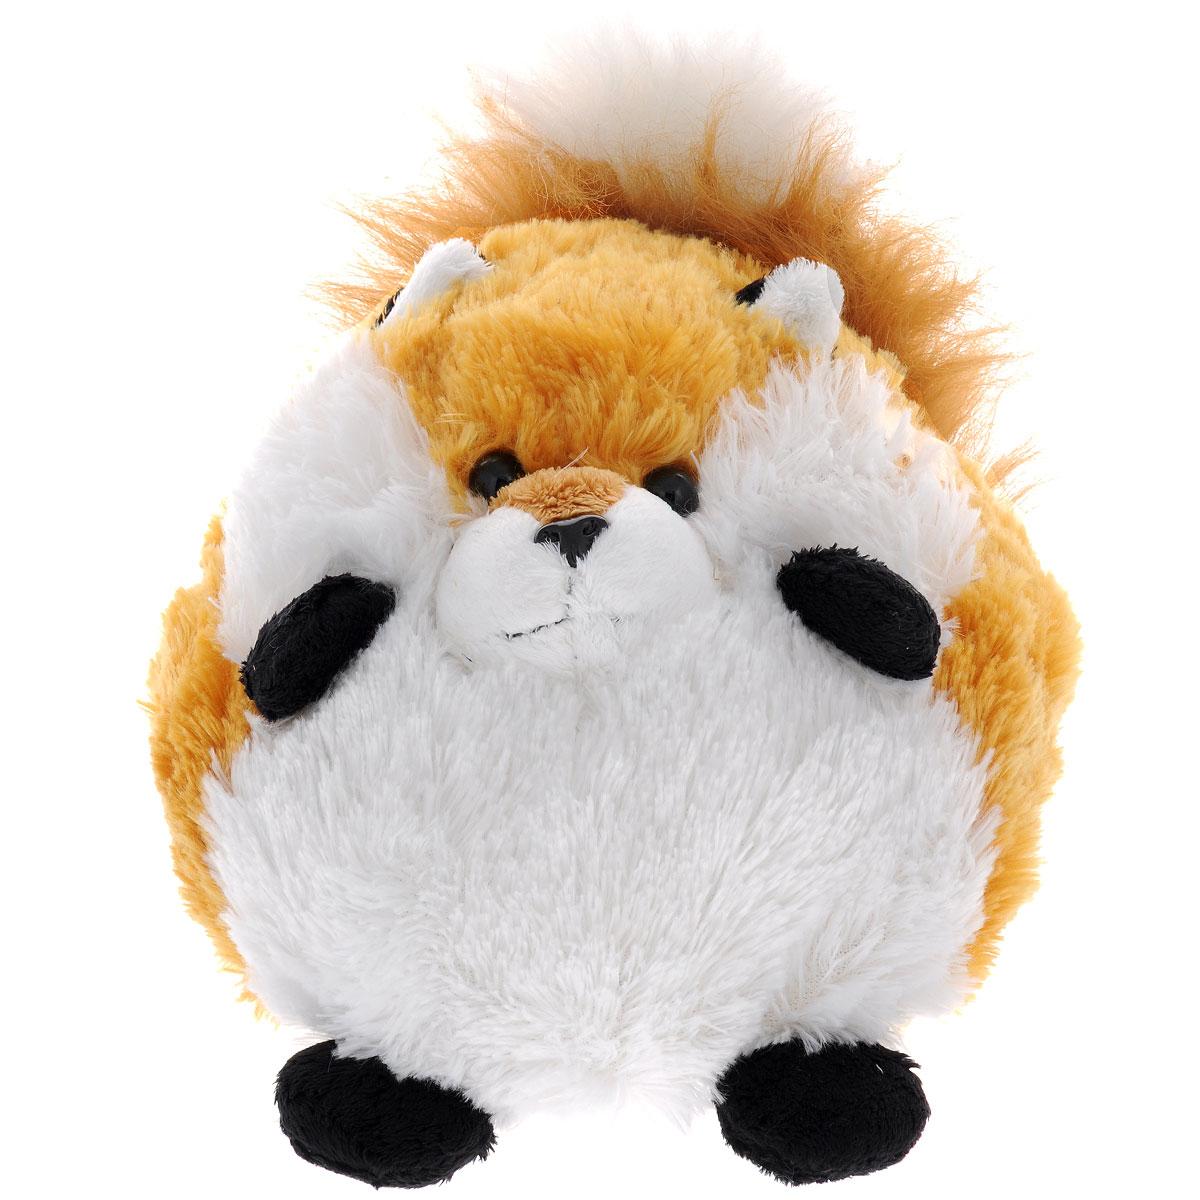 Мягкая игрушка Gulliver Лисичка, 30 см мягкие игрушки gulliver игрушка перевертыш лисичка корова 35 см